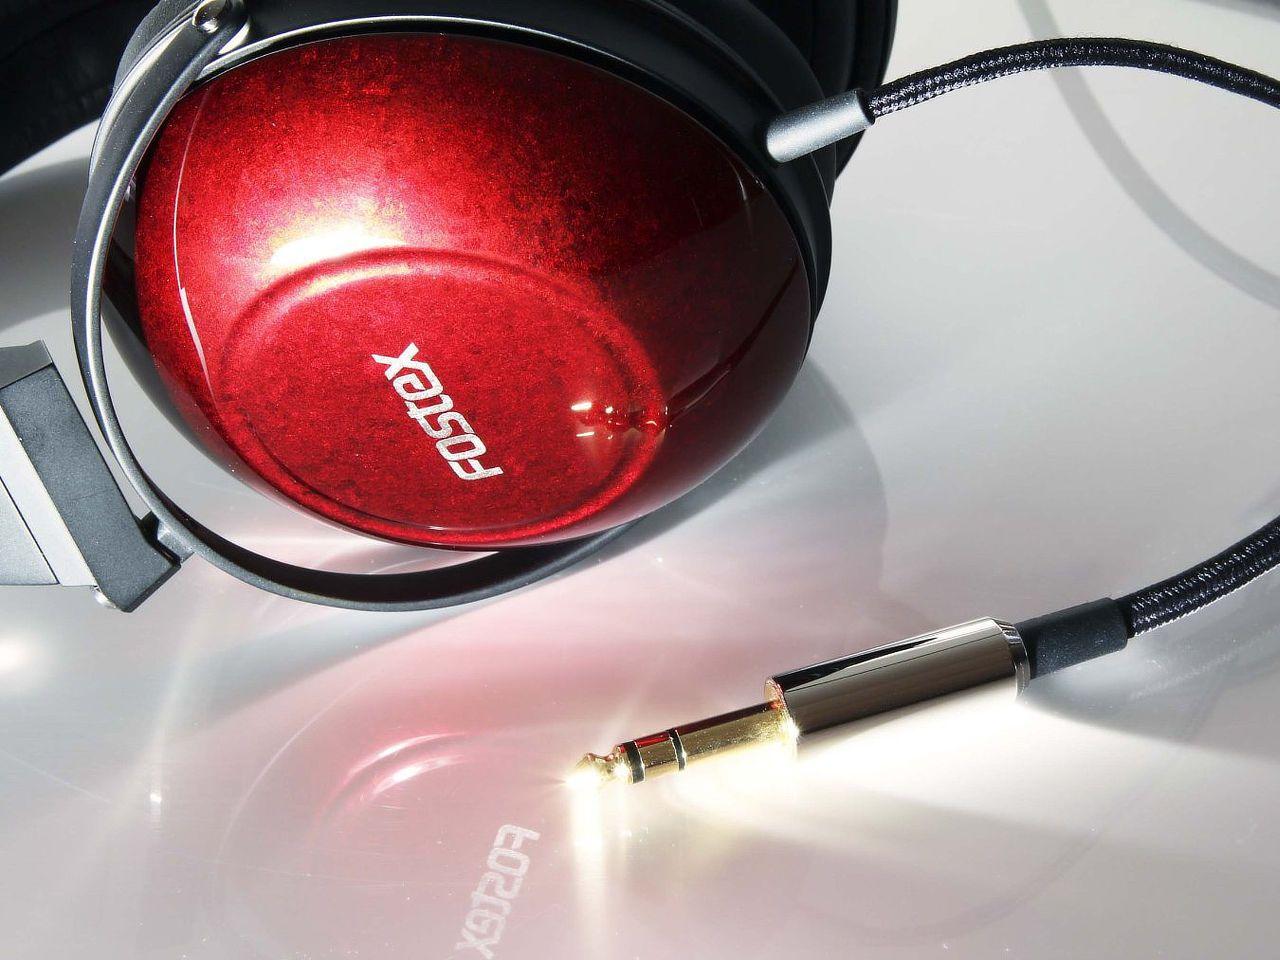 fostex-premium-headphones-002